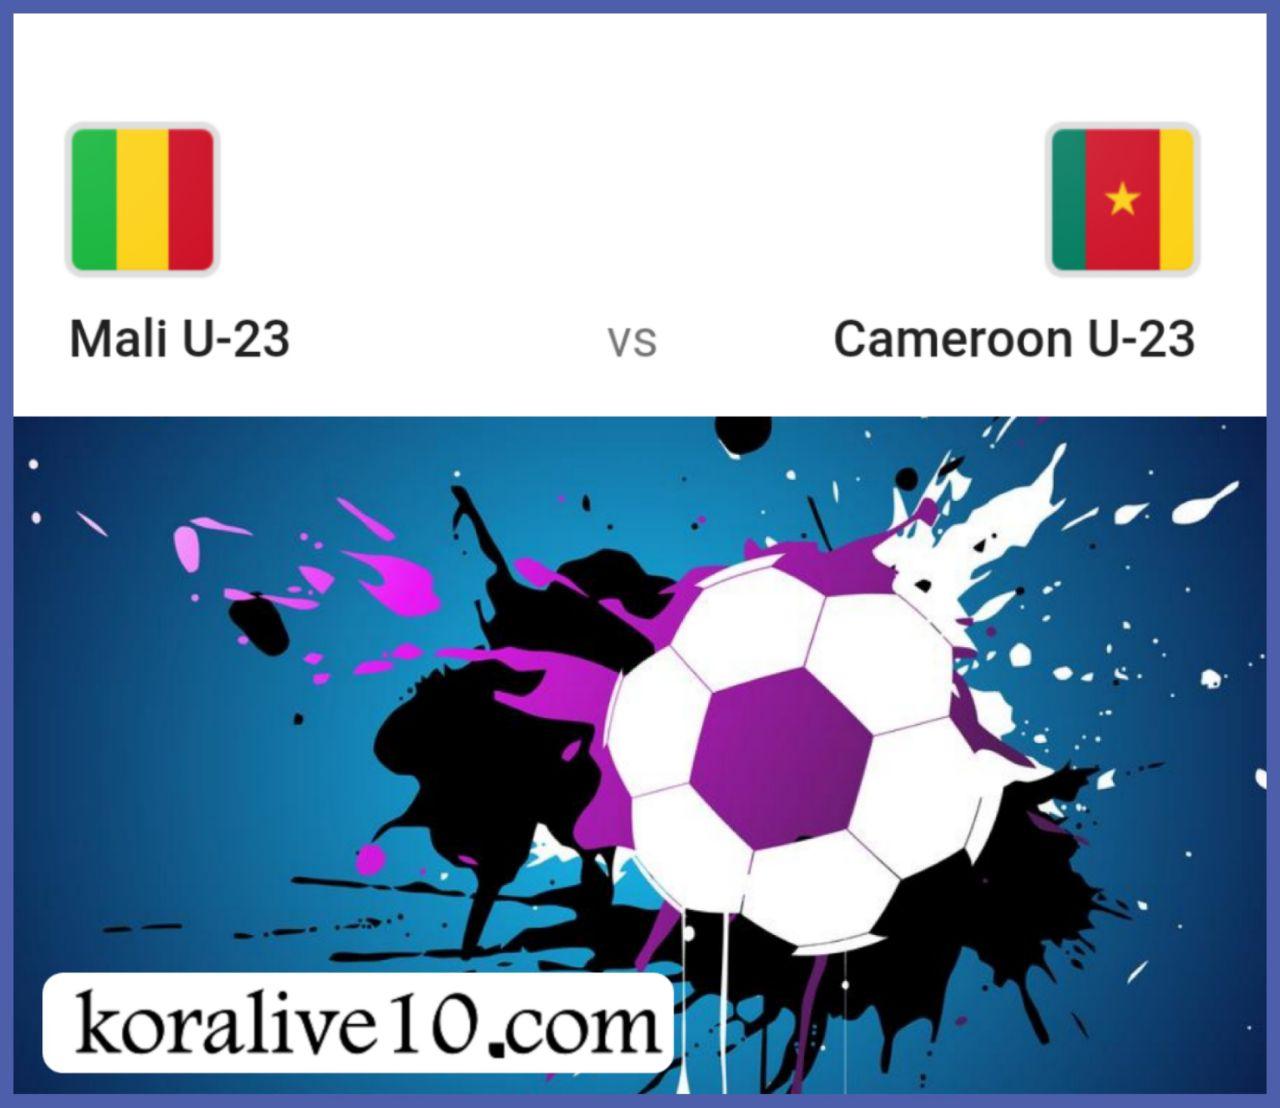 موعد مباراة مالي الأولمبي والكاميرون الأولمبي في بطولة إفريقيا تحت سن 23 سنة | كورة لايف